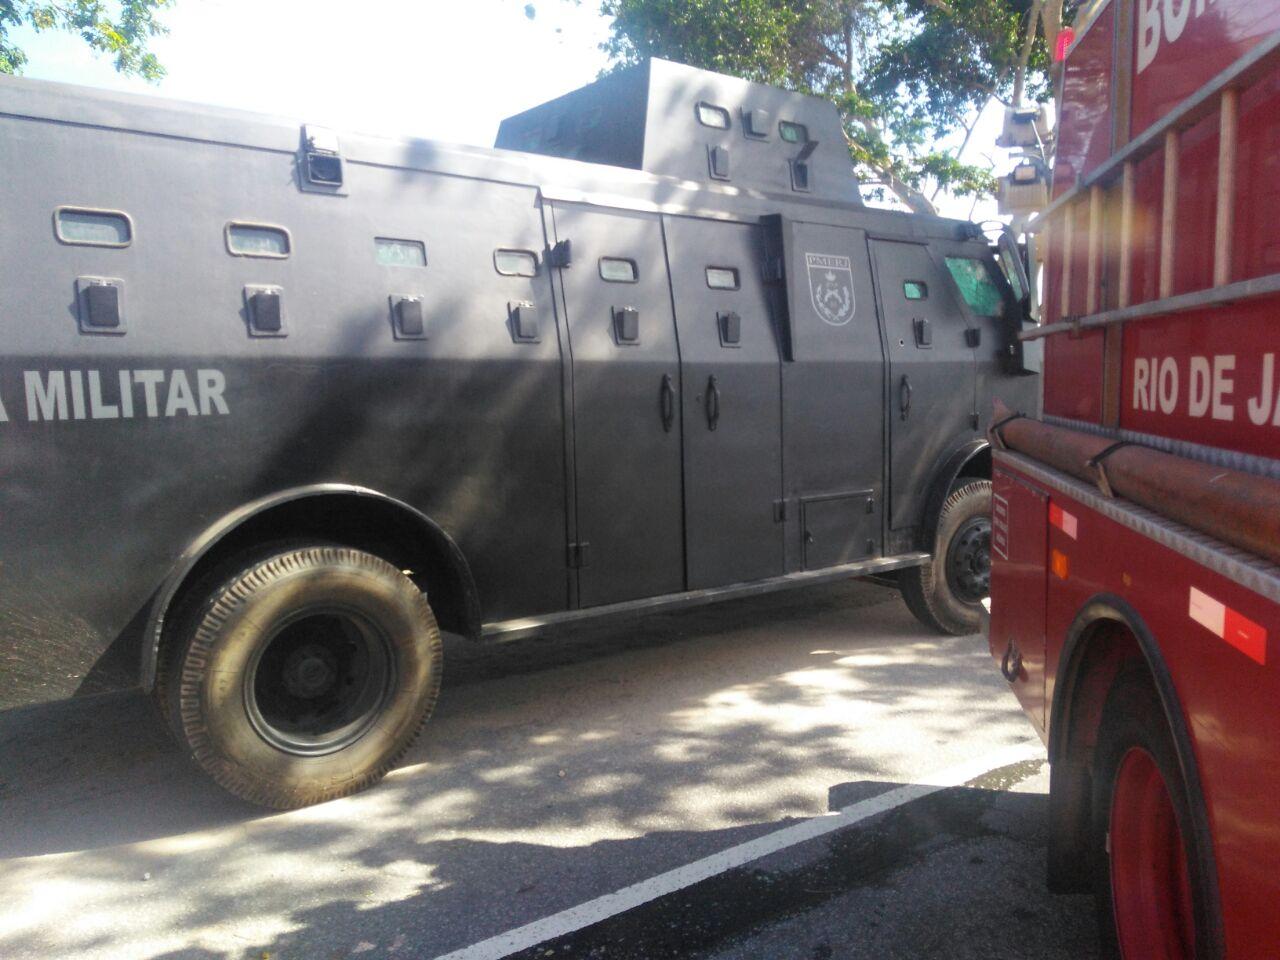 Cabo da PM é primeiro policial a morrer em serviço no Rio